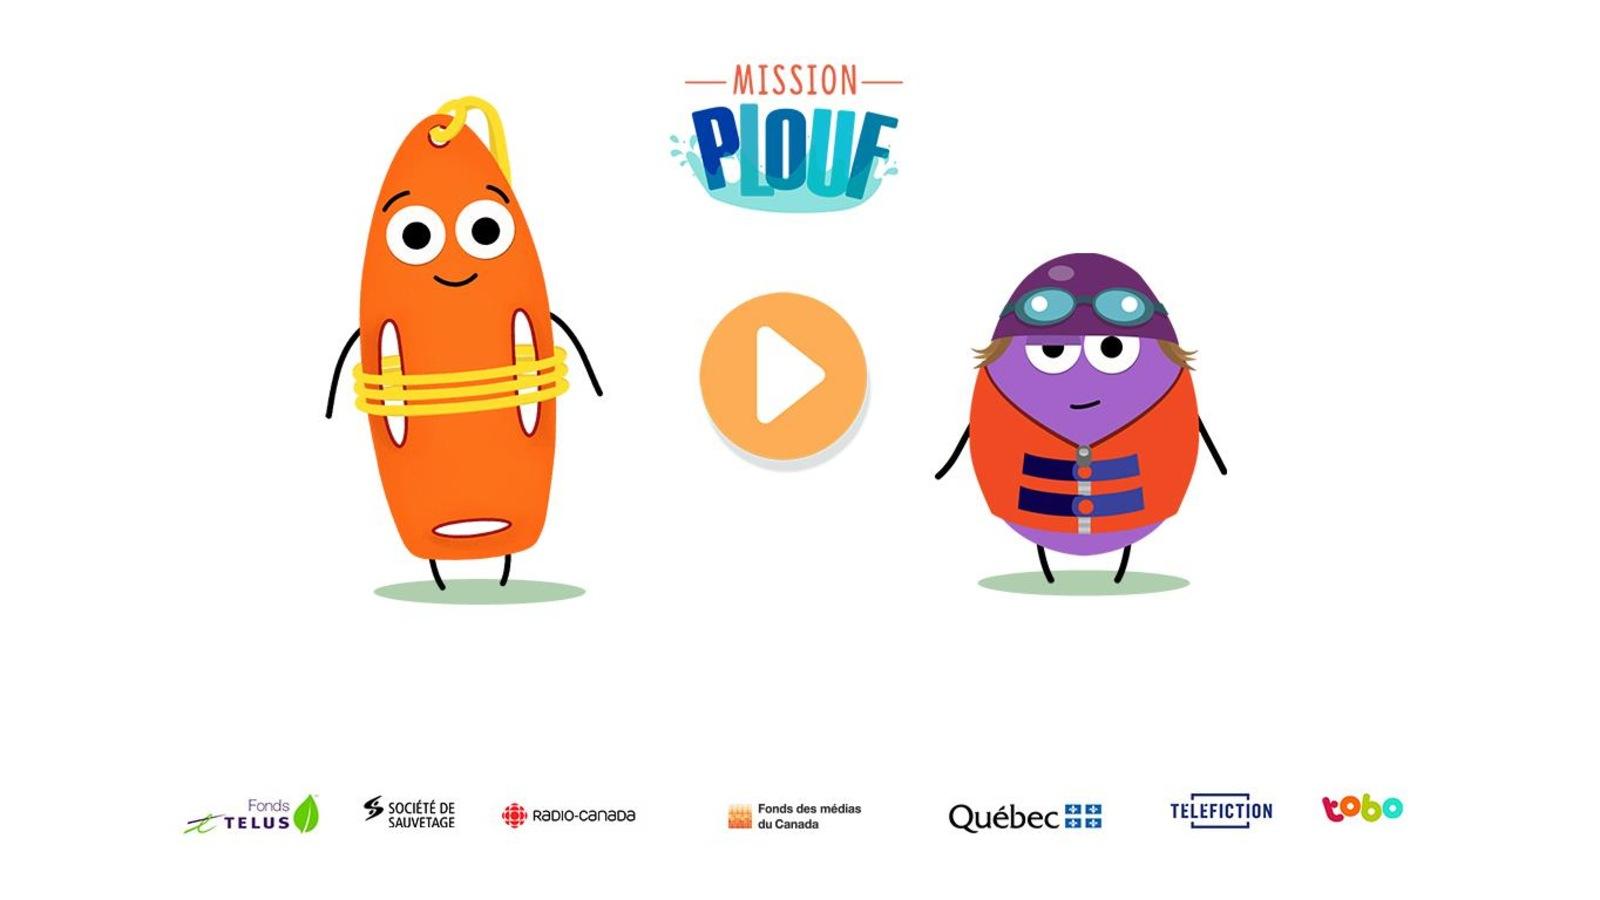 La page d'accueil de la plateforme interactive Mission Plouf représente une bouée de sauvetage ainsi qu'un bonhomme mauve muni d'une veste de sécurité aquatique.